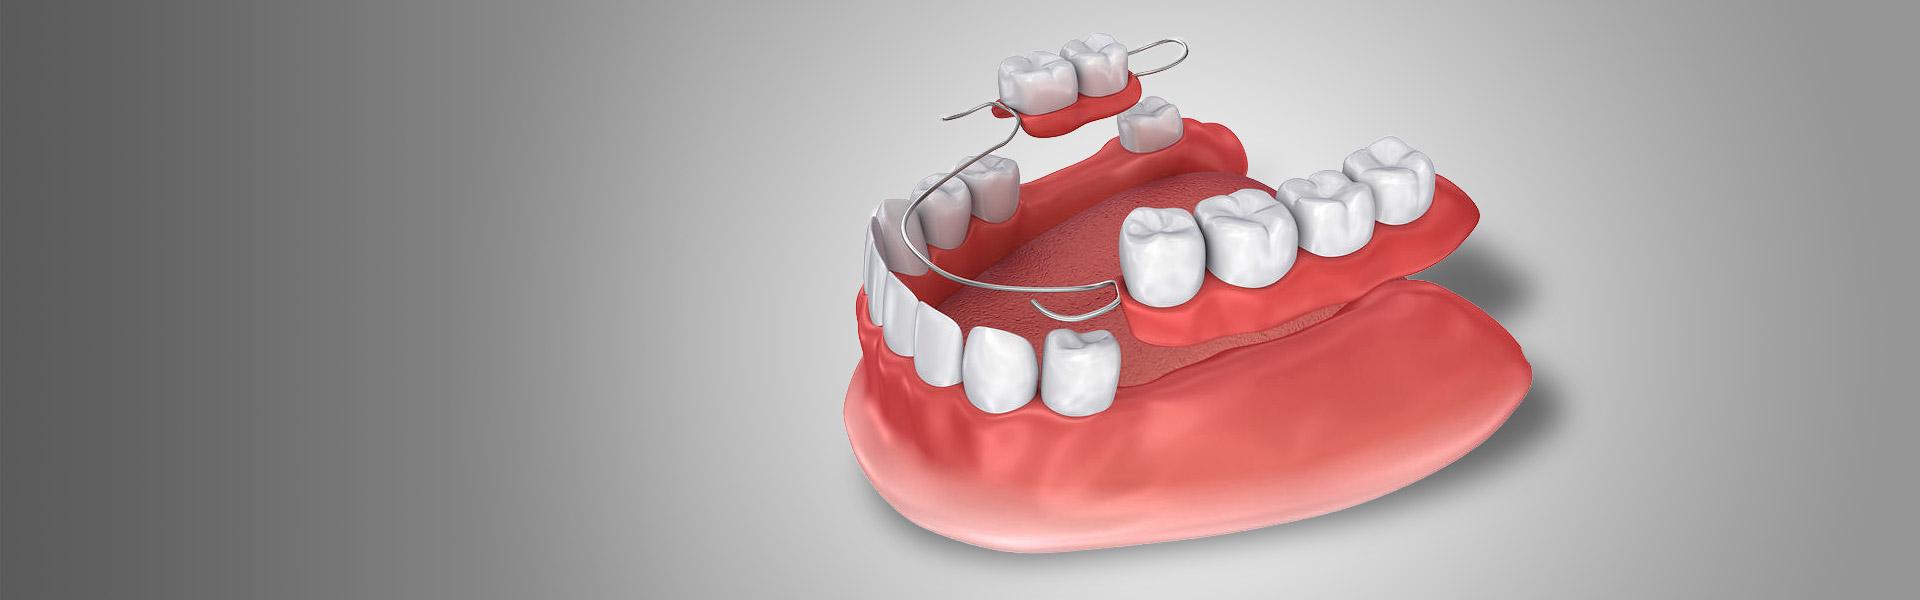 Zahnersatz mittels moderner Technik